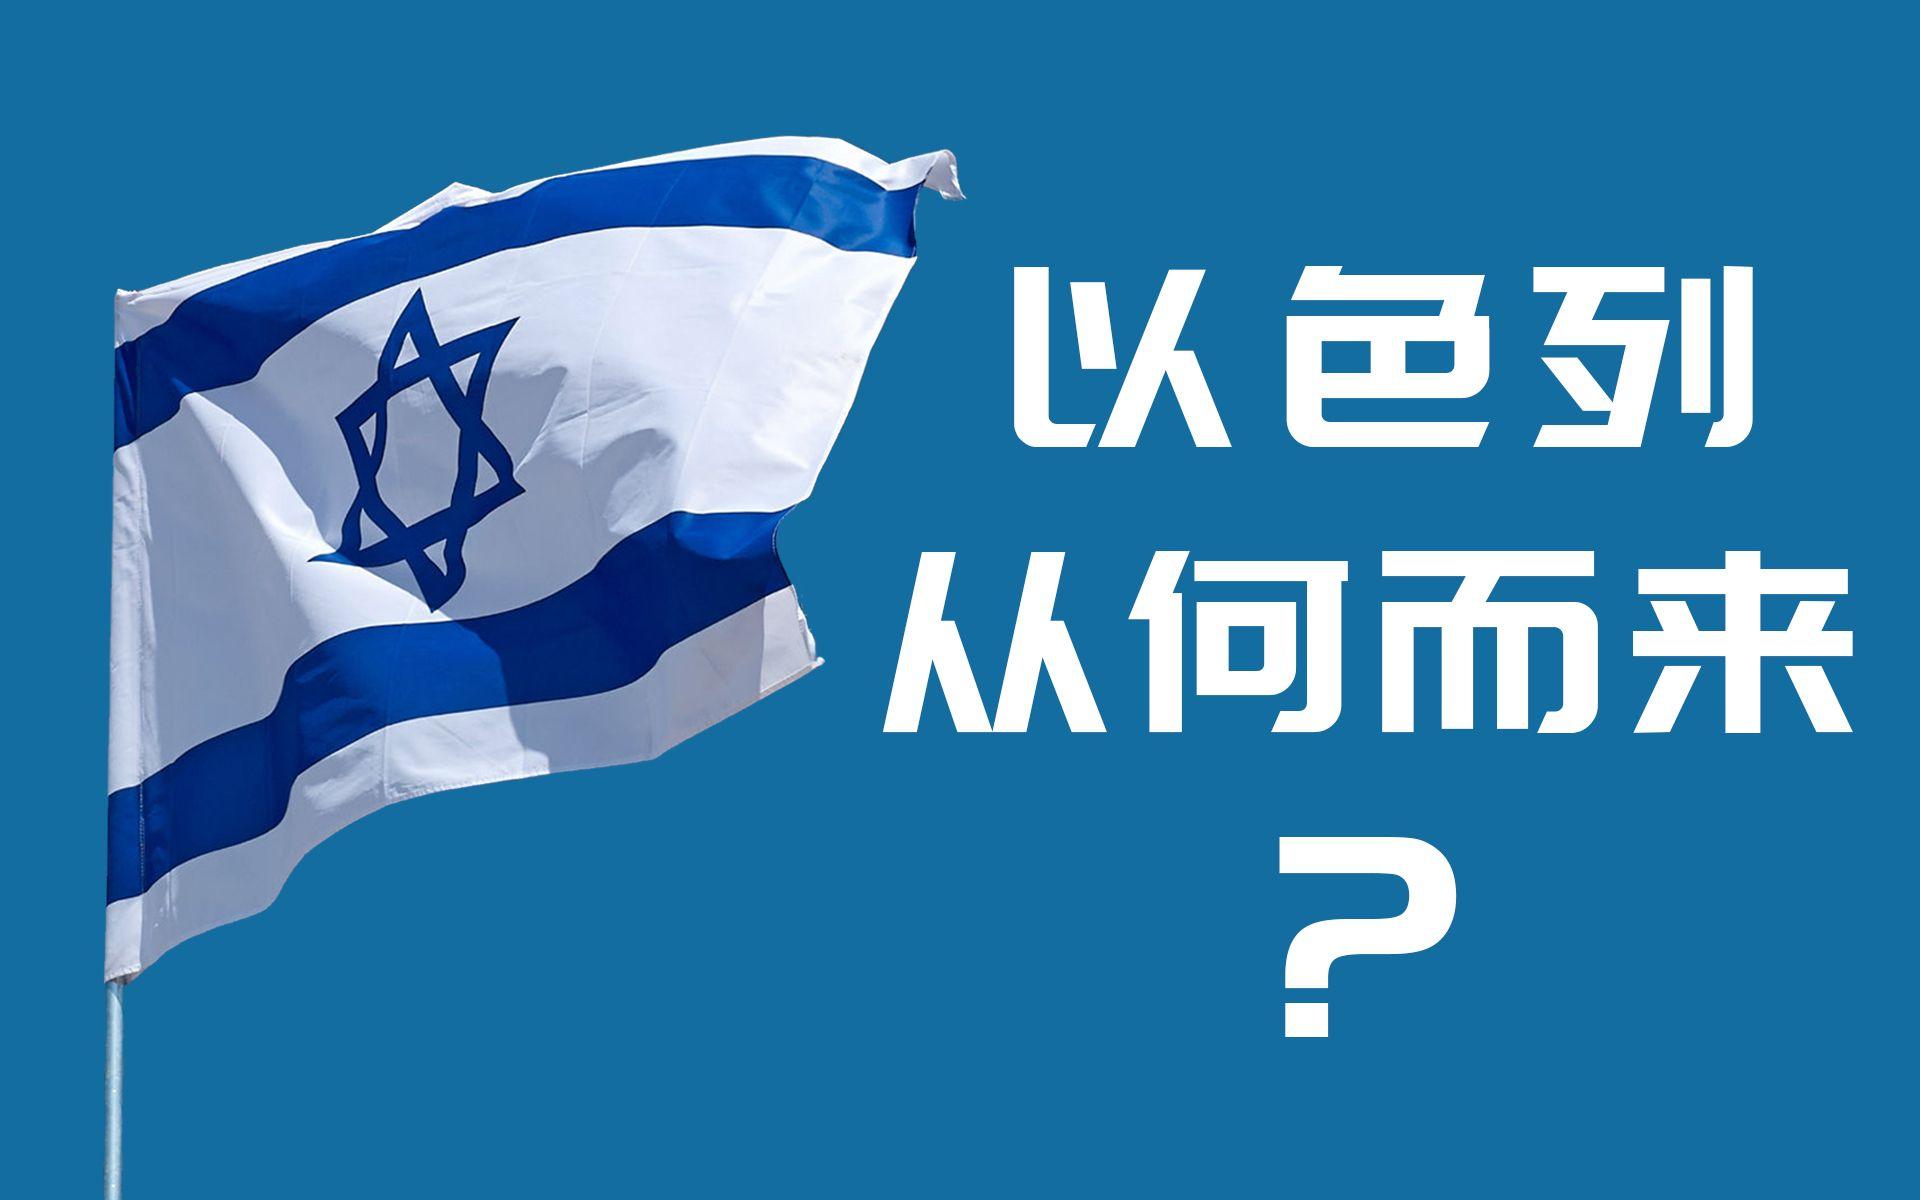 以色列从何而来? 带你看懂第一次中东战争来龙去脉【有机社会Vol.22】